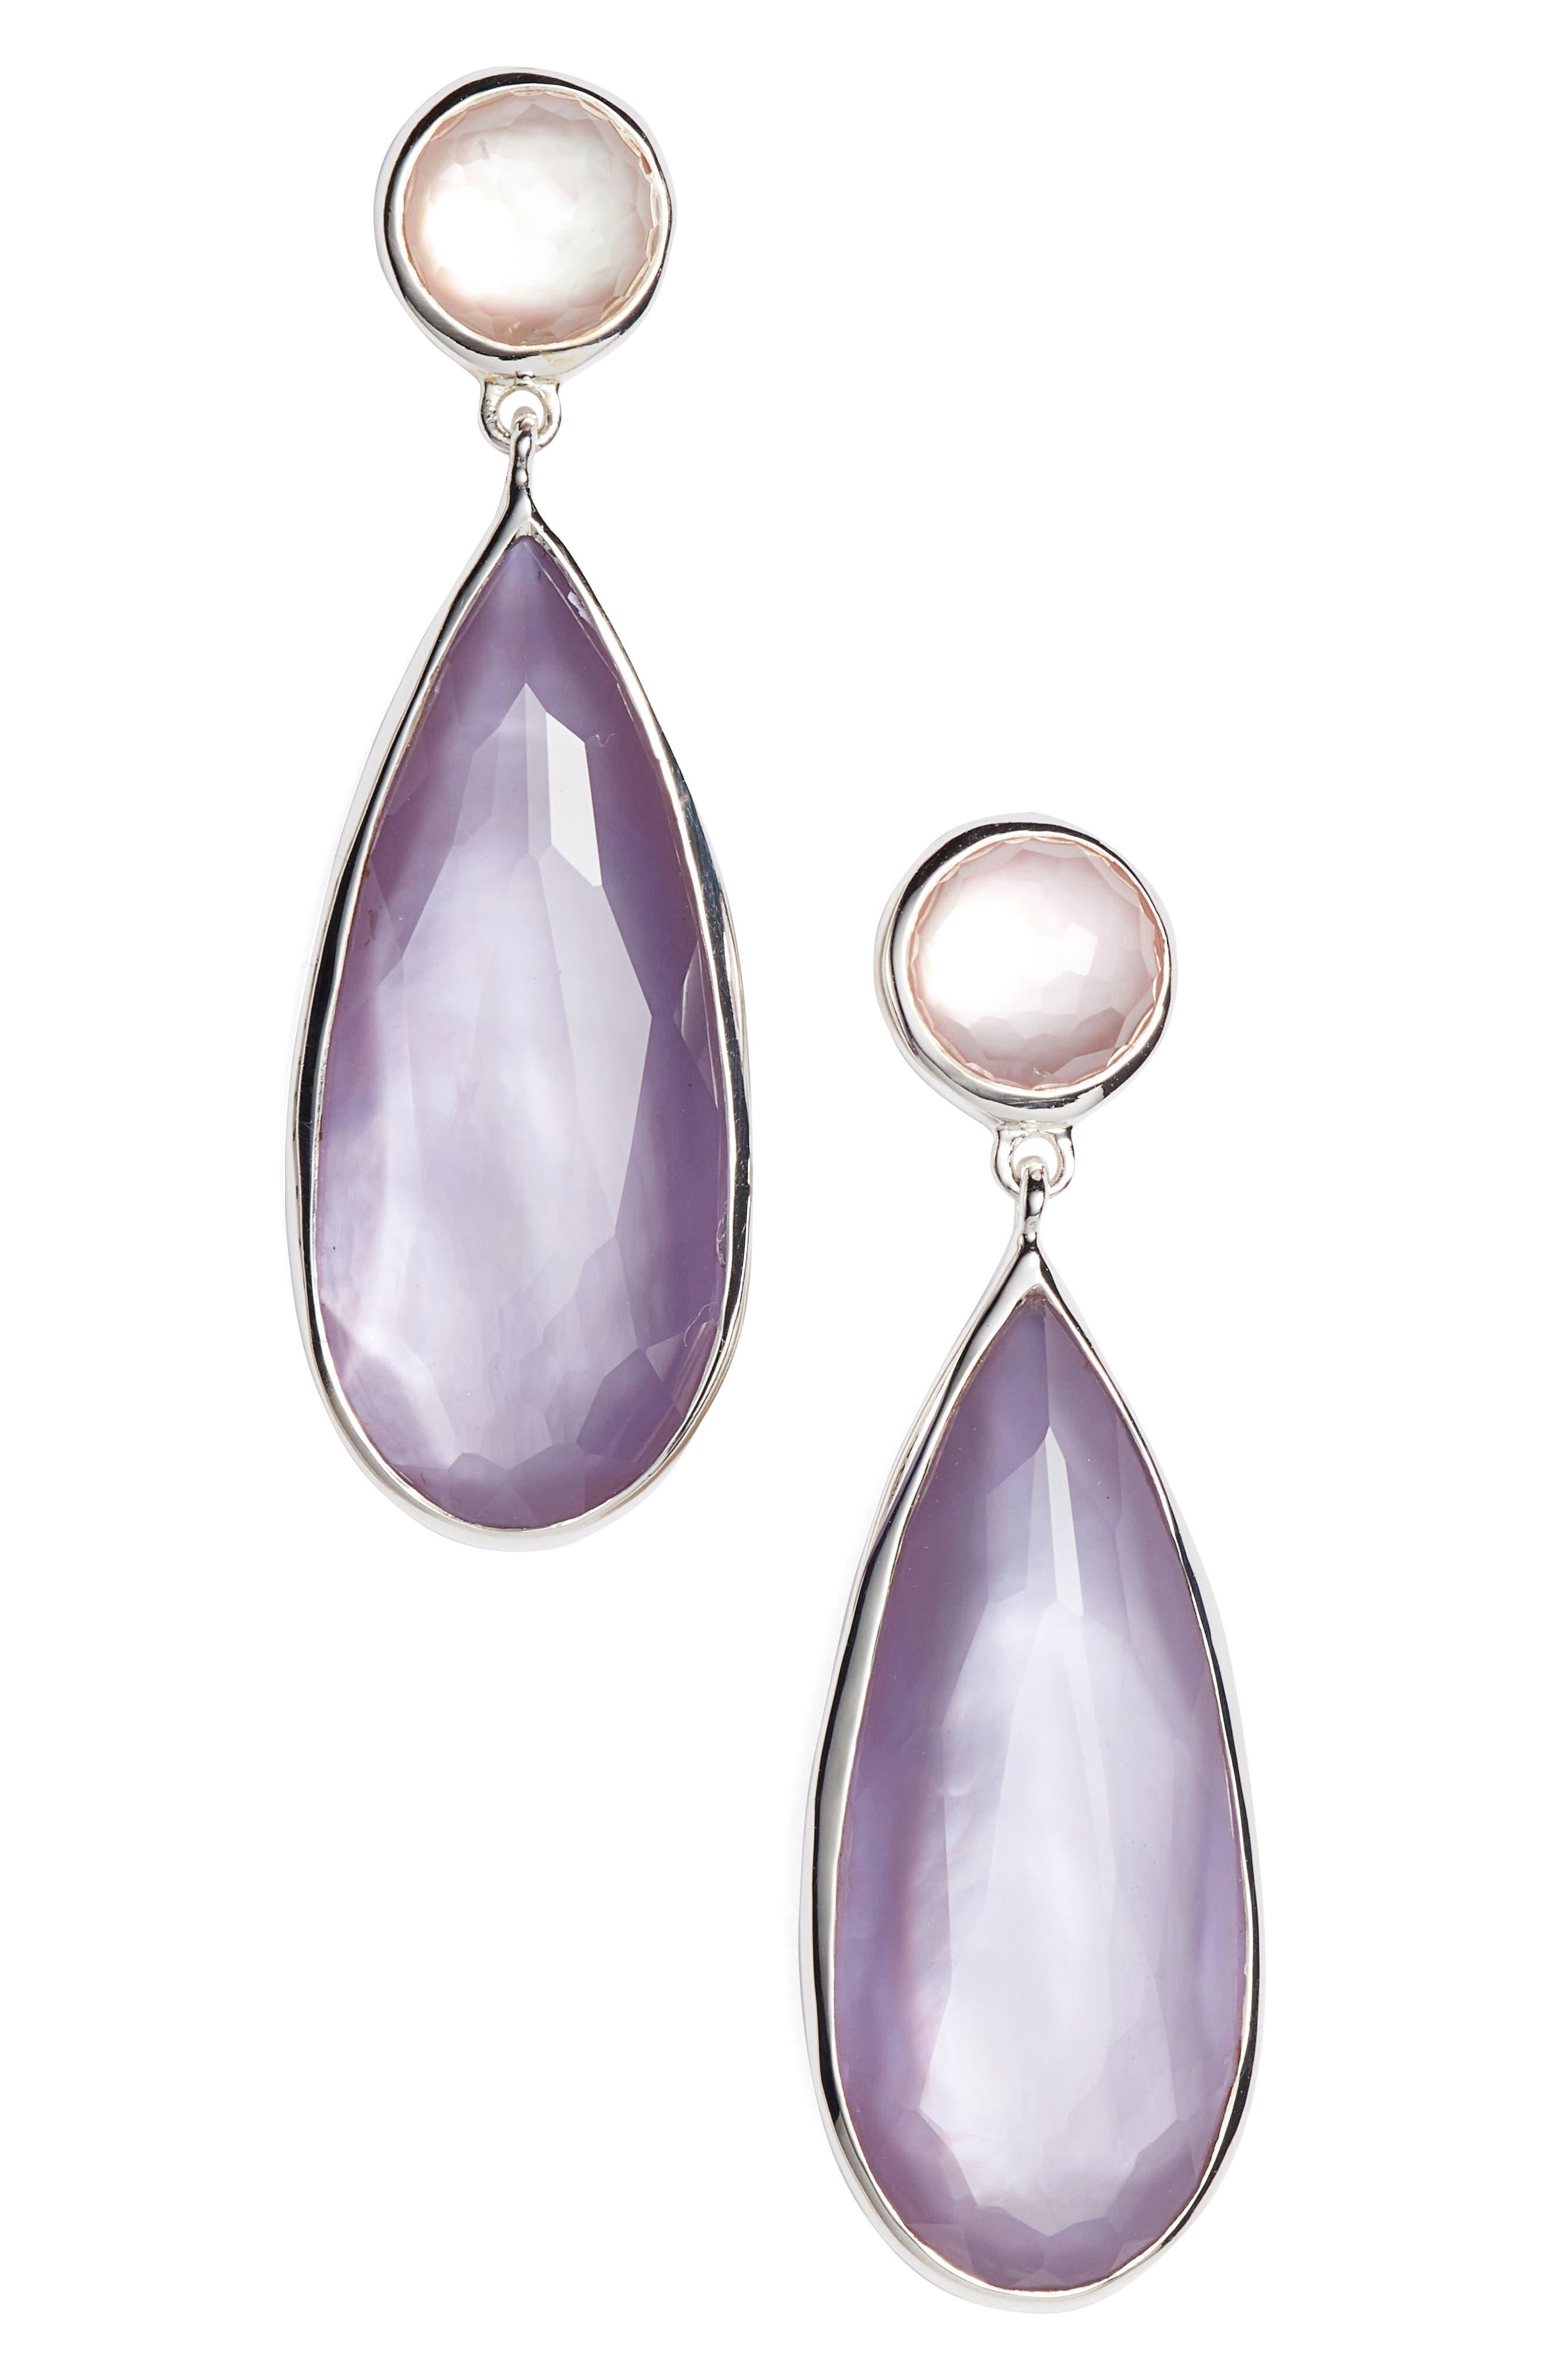 Wonderland Teardrop Earrings,                         Main,                         color, Silver/ Primrose